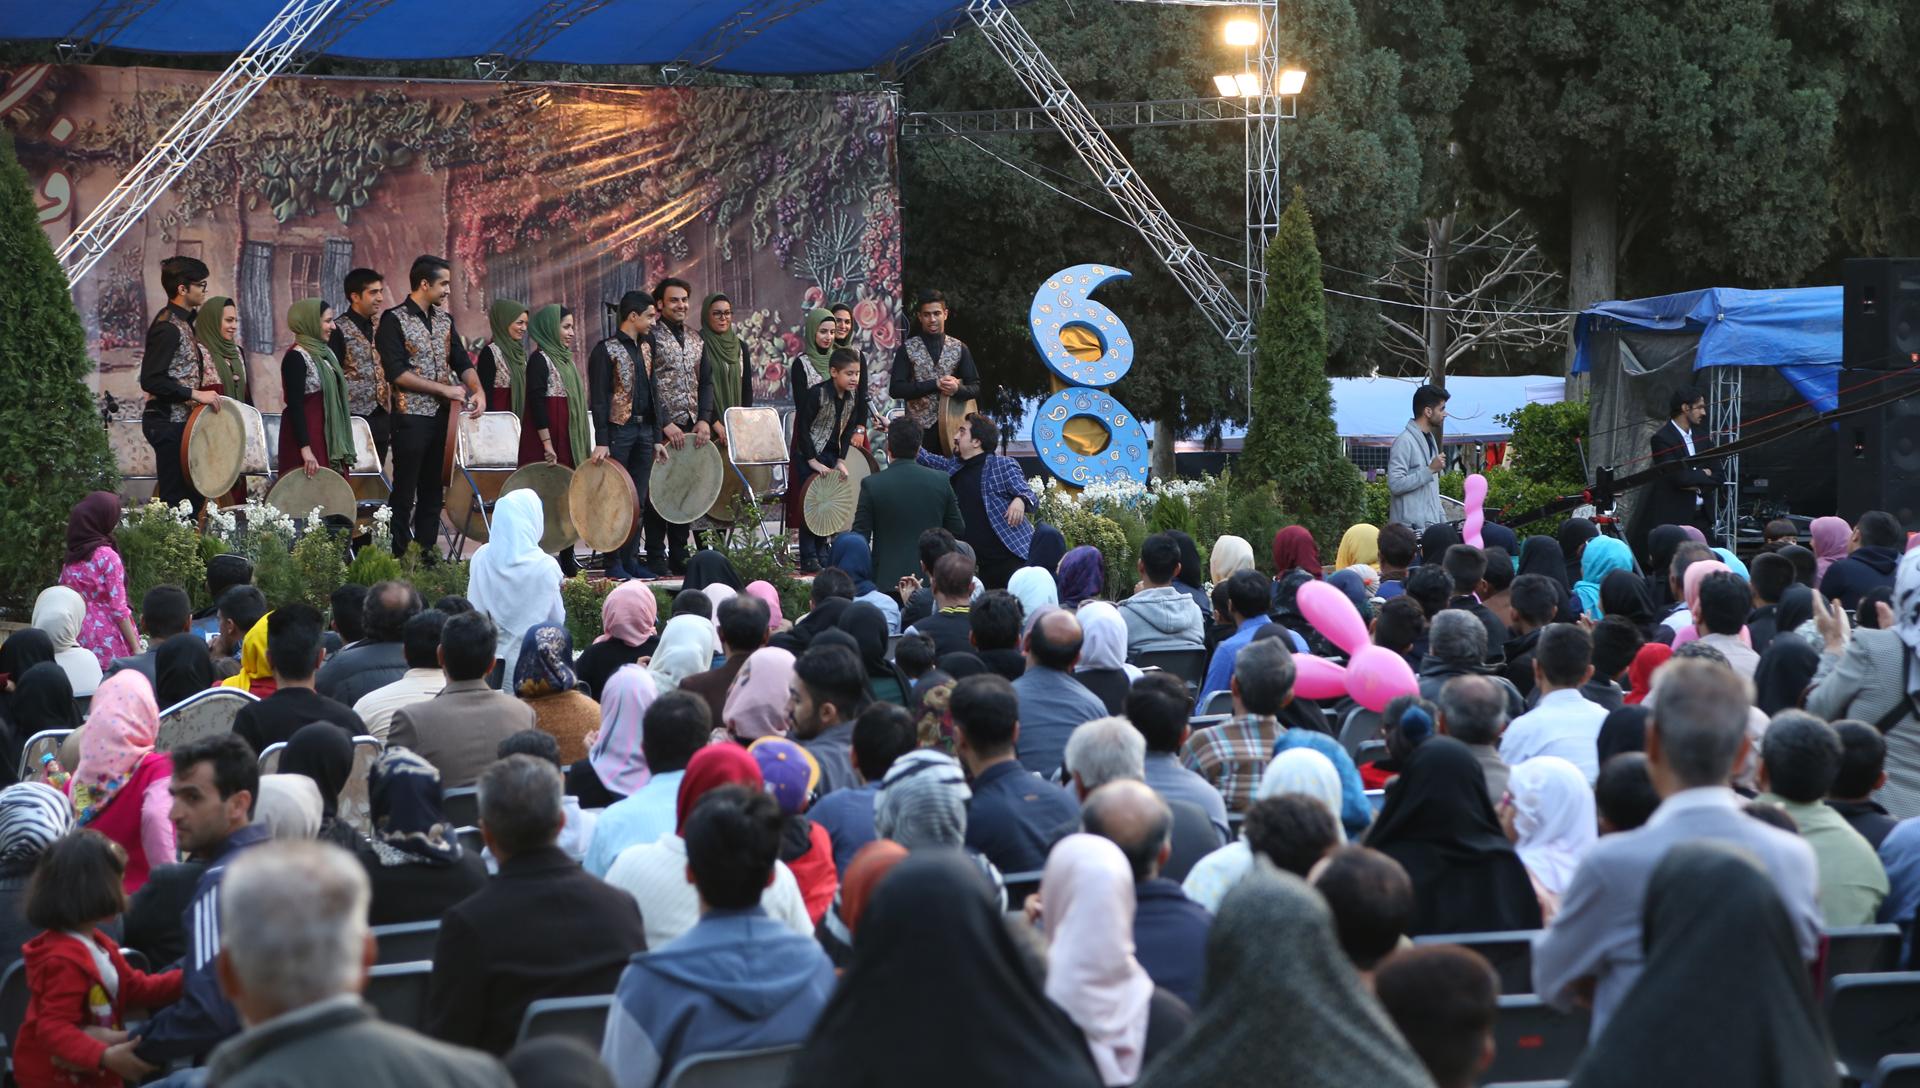 شرکت فیلمسازی زوم شیراز همایش و سمینار 02